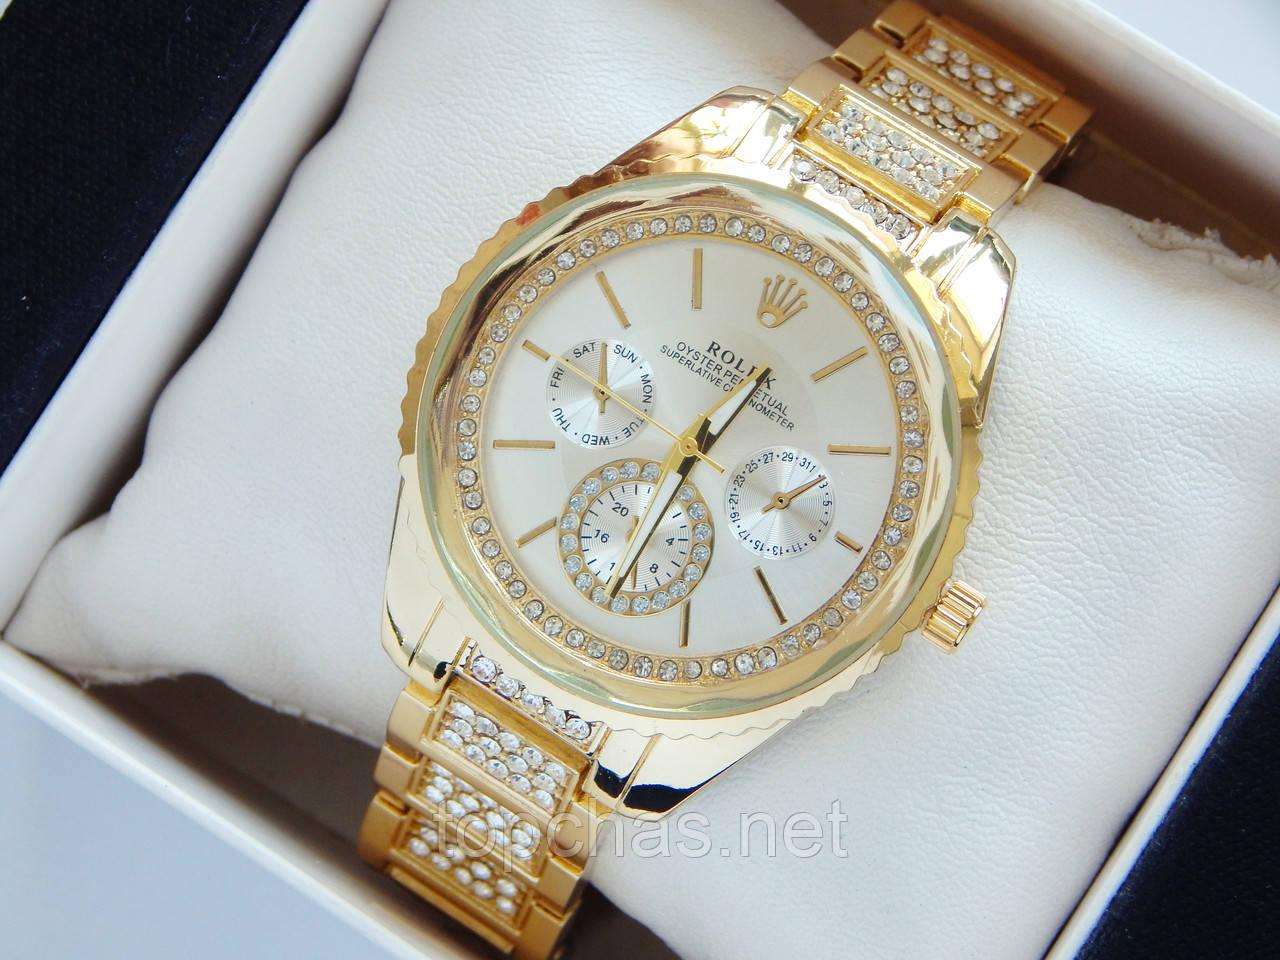 Купить наручные часы золотого цвета купить часы хищник реплика